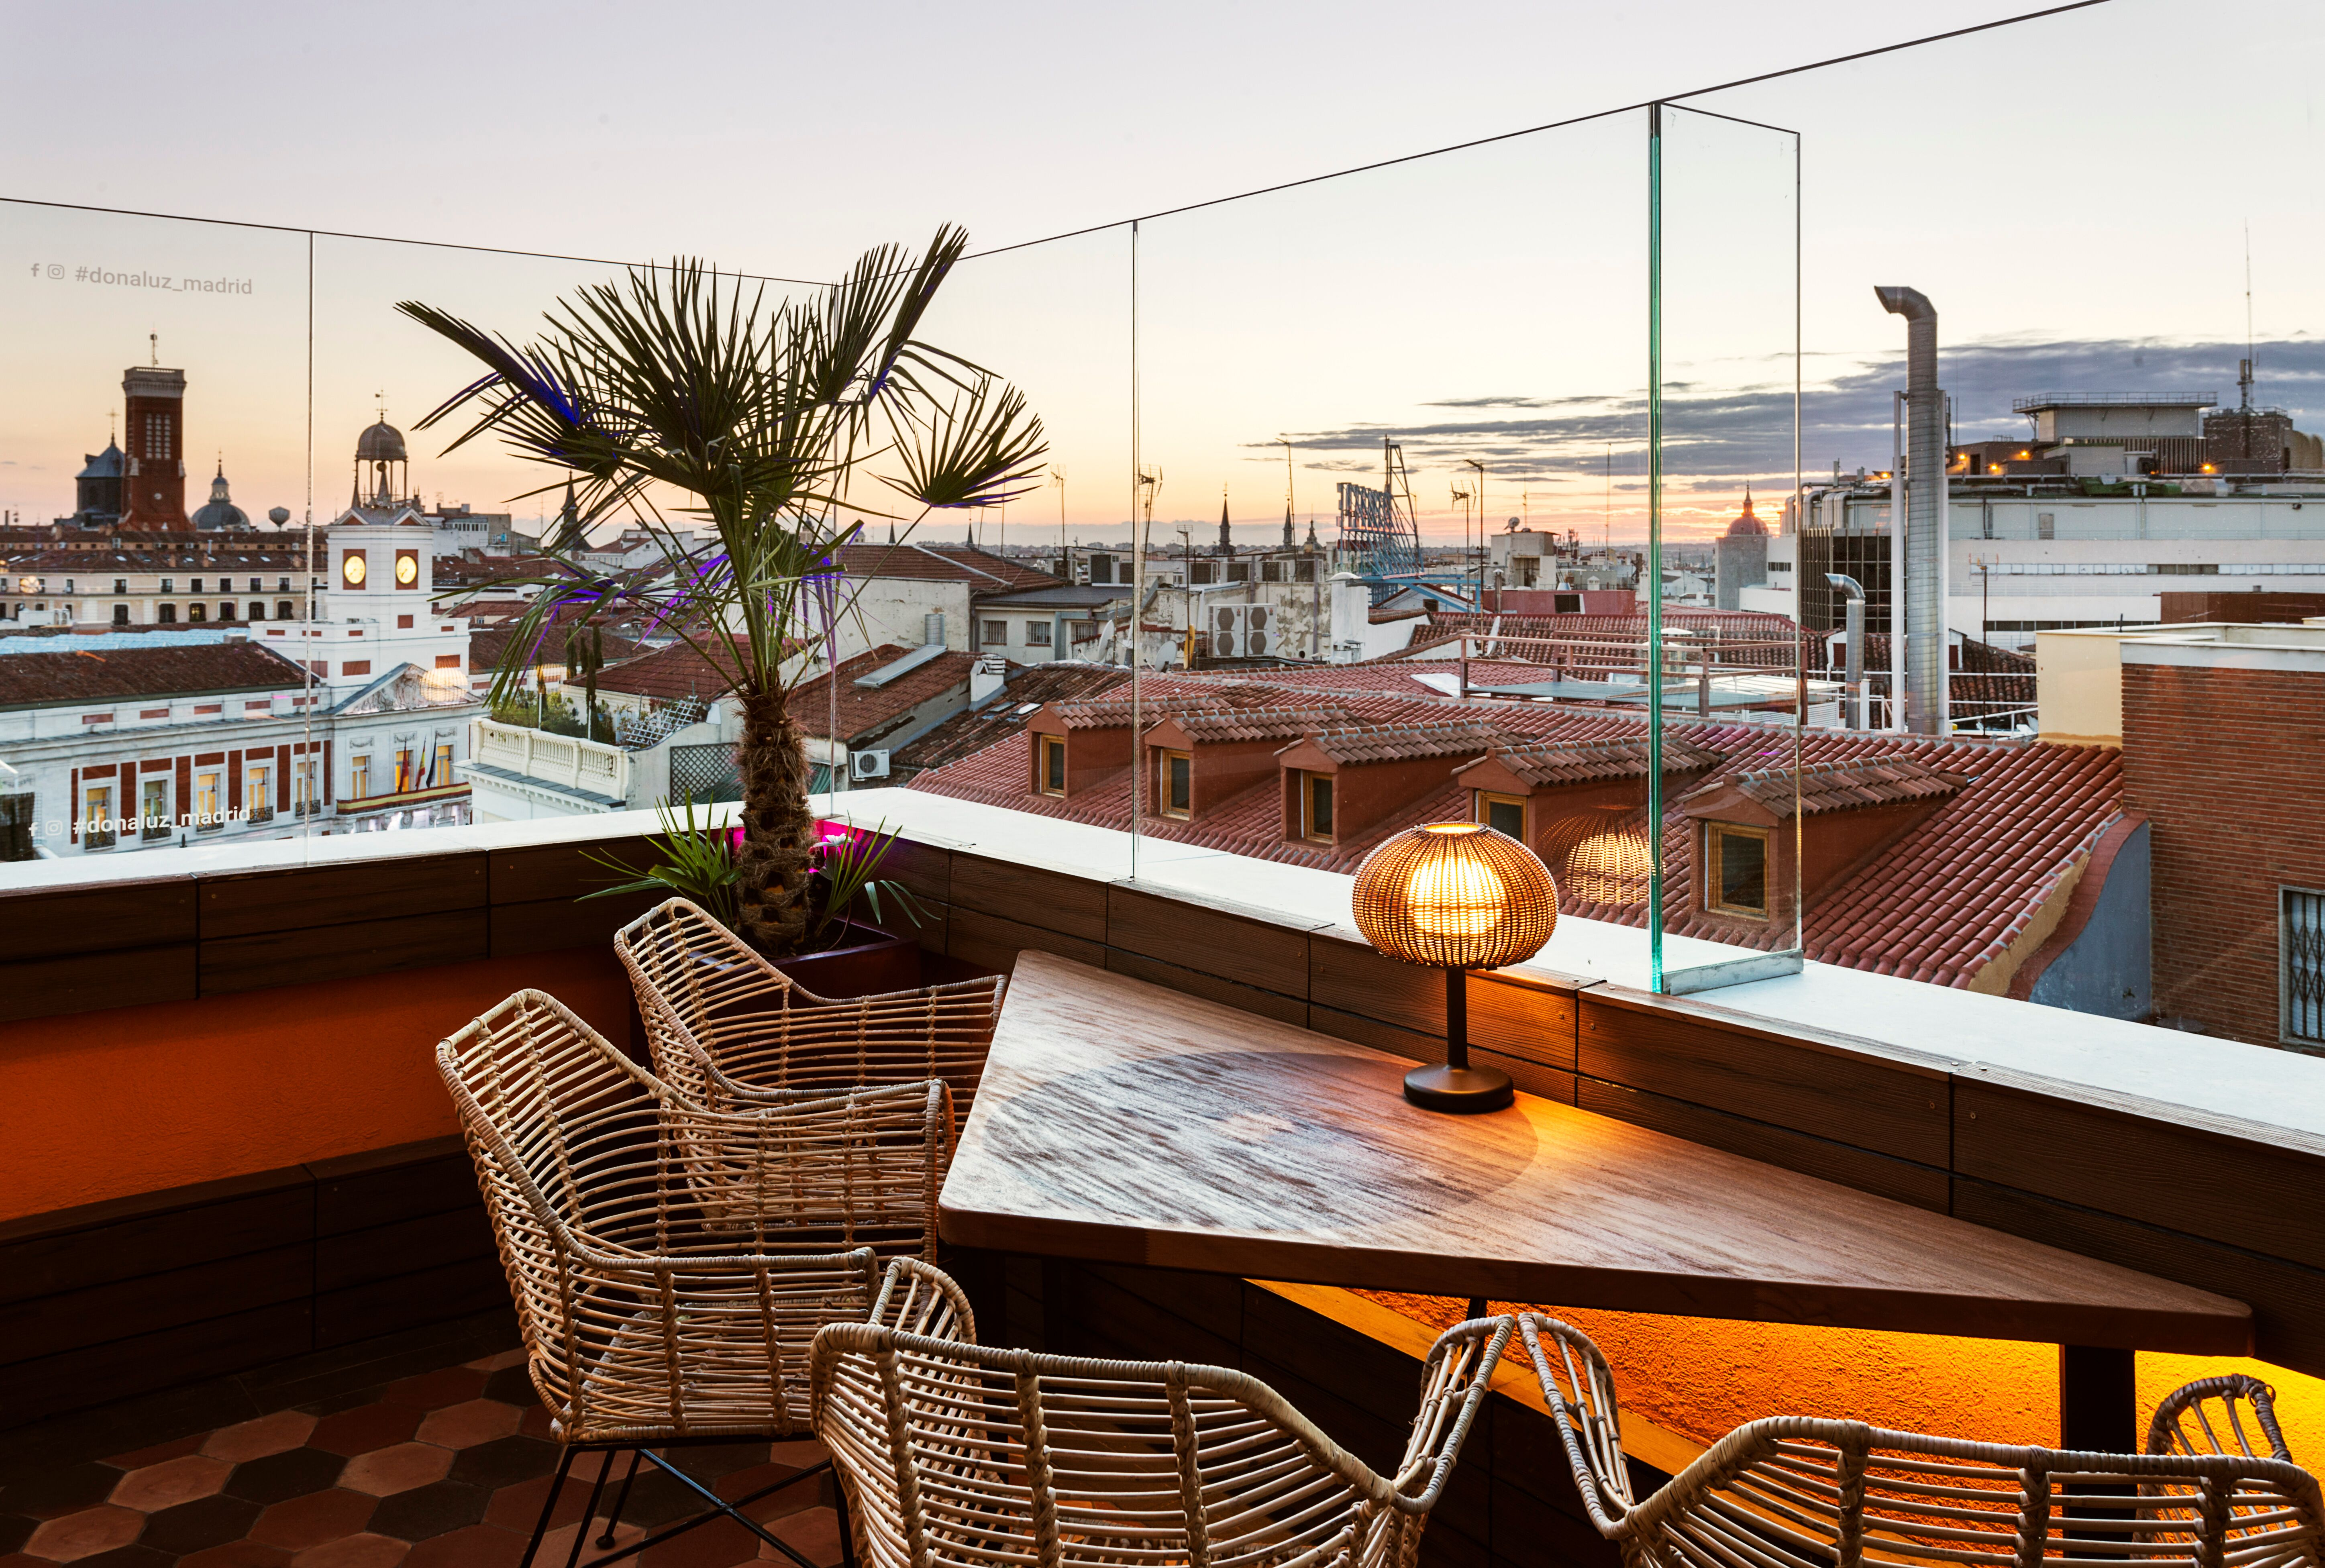 mejores terrazas Madrid - Doña Luz